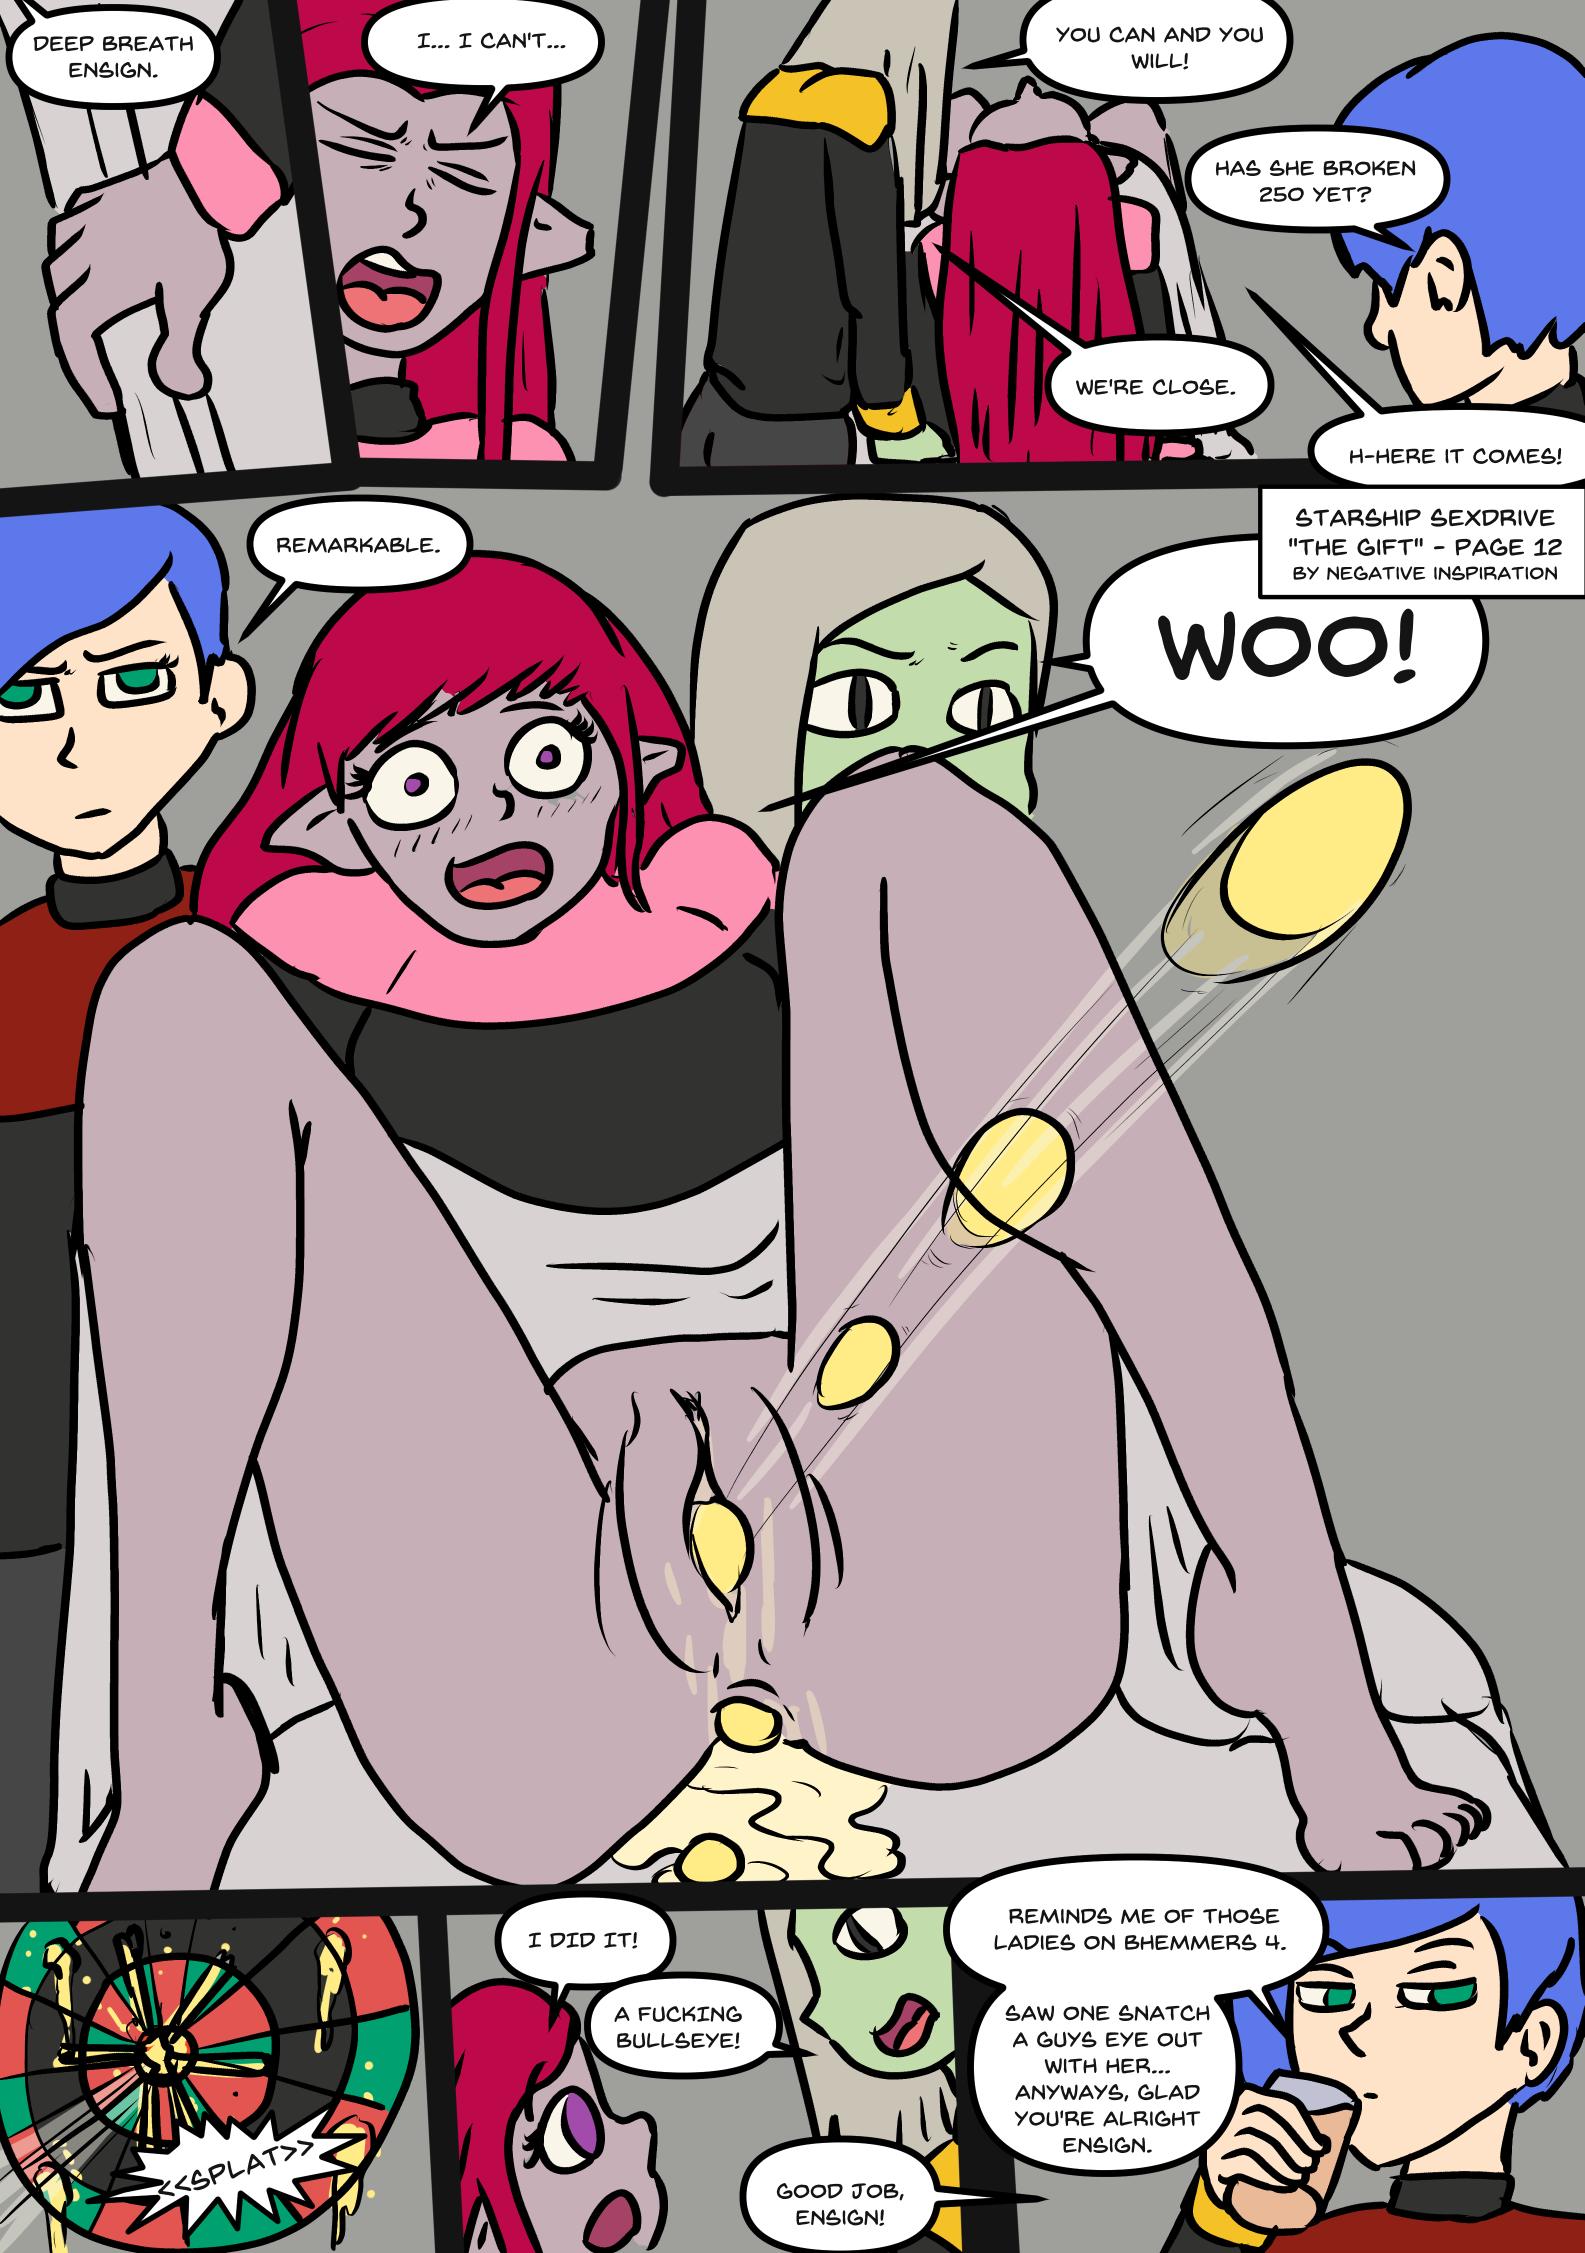 Starshipsexdrive - Page 12